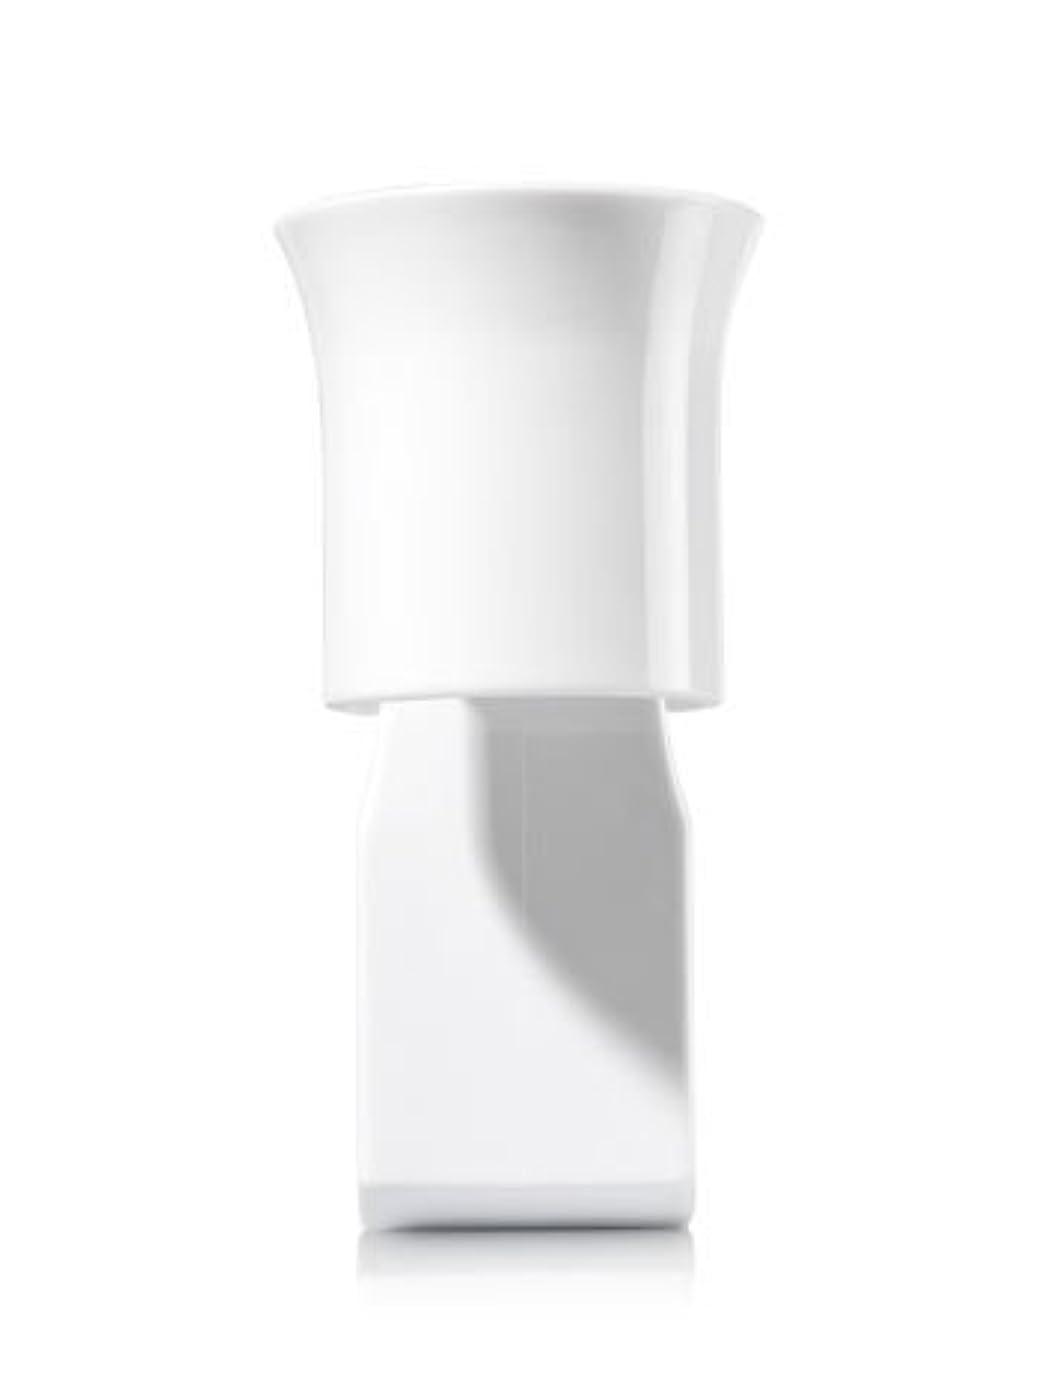 利点シマウマ自明【Bath&Body Works/バス&ボディワークス】 ルームフレグランス プラグインスターター (本体のみ) ホワイトフレアー Wallflowers Fragrance Plug White Flare [並行輸入品]